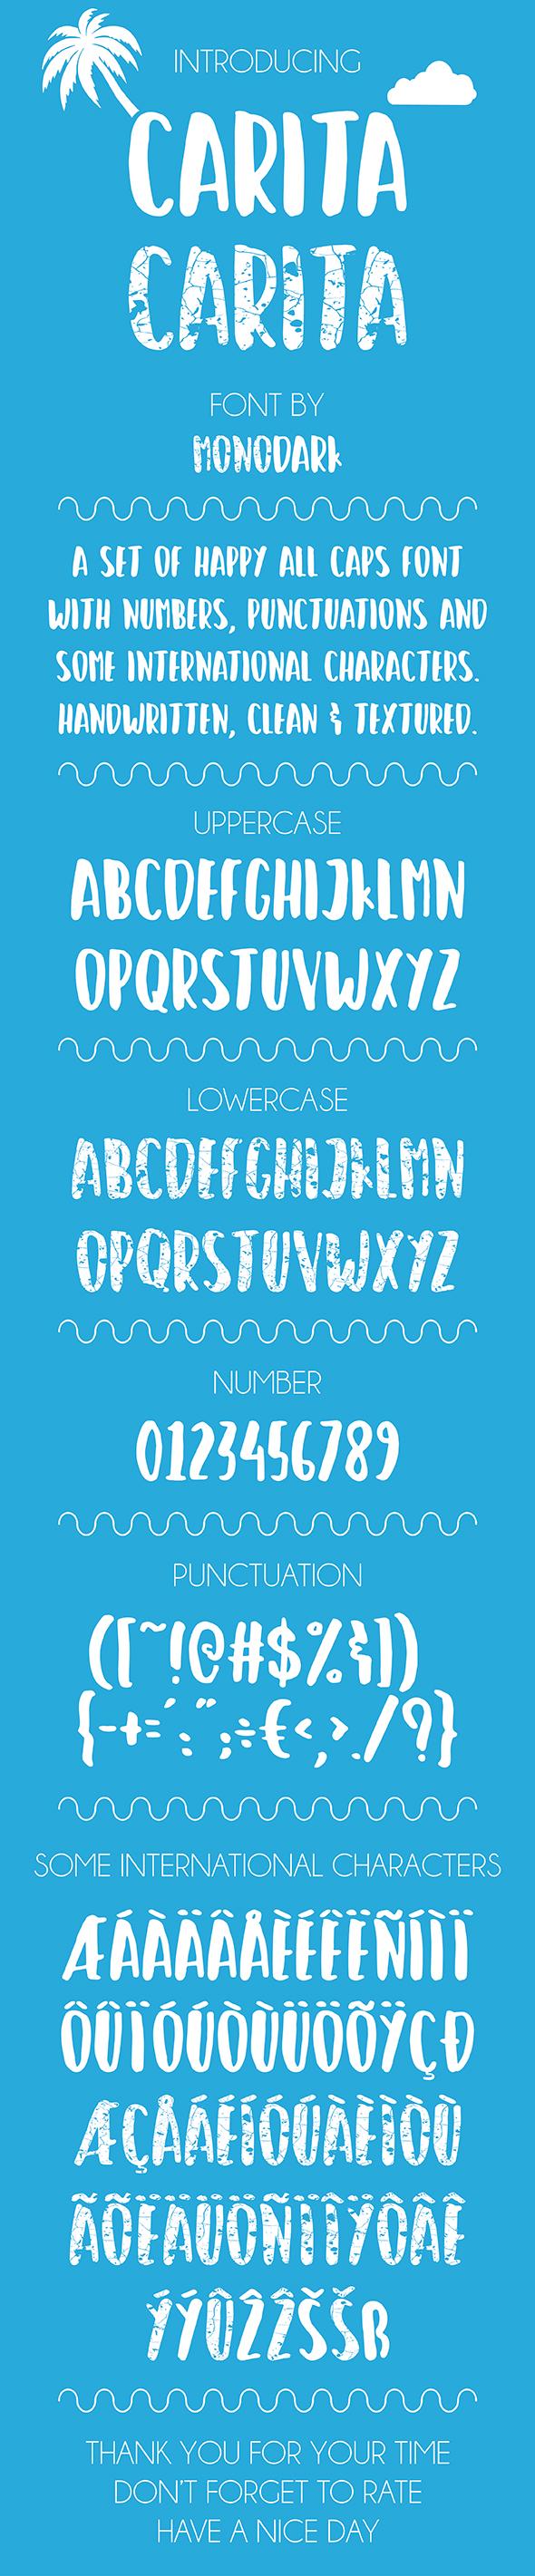 CARITA - Handwriting Fonts